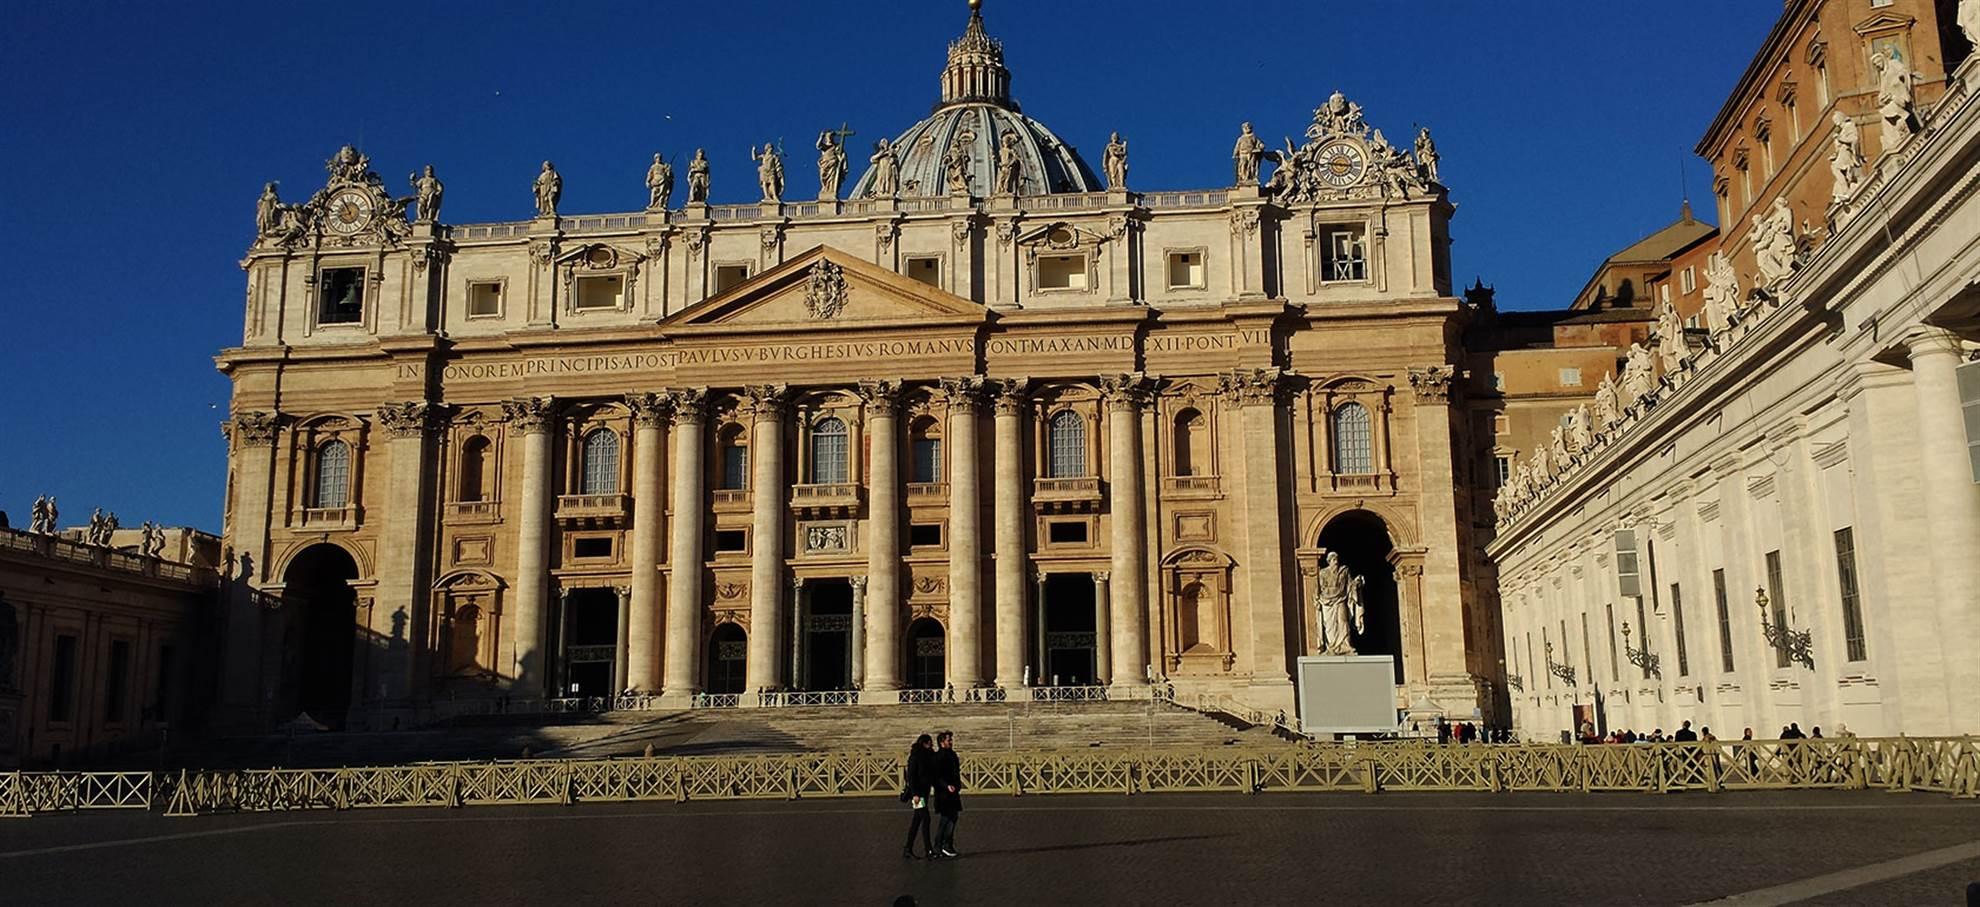 Музей Ватикана и Сикстинская Капелла в пятницу вечером